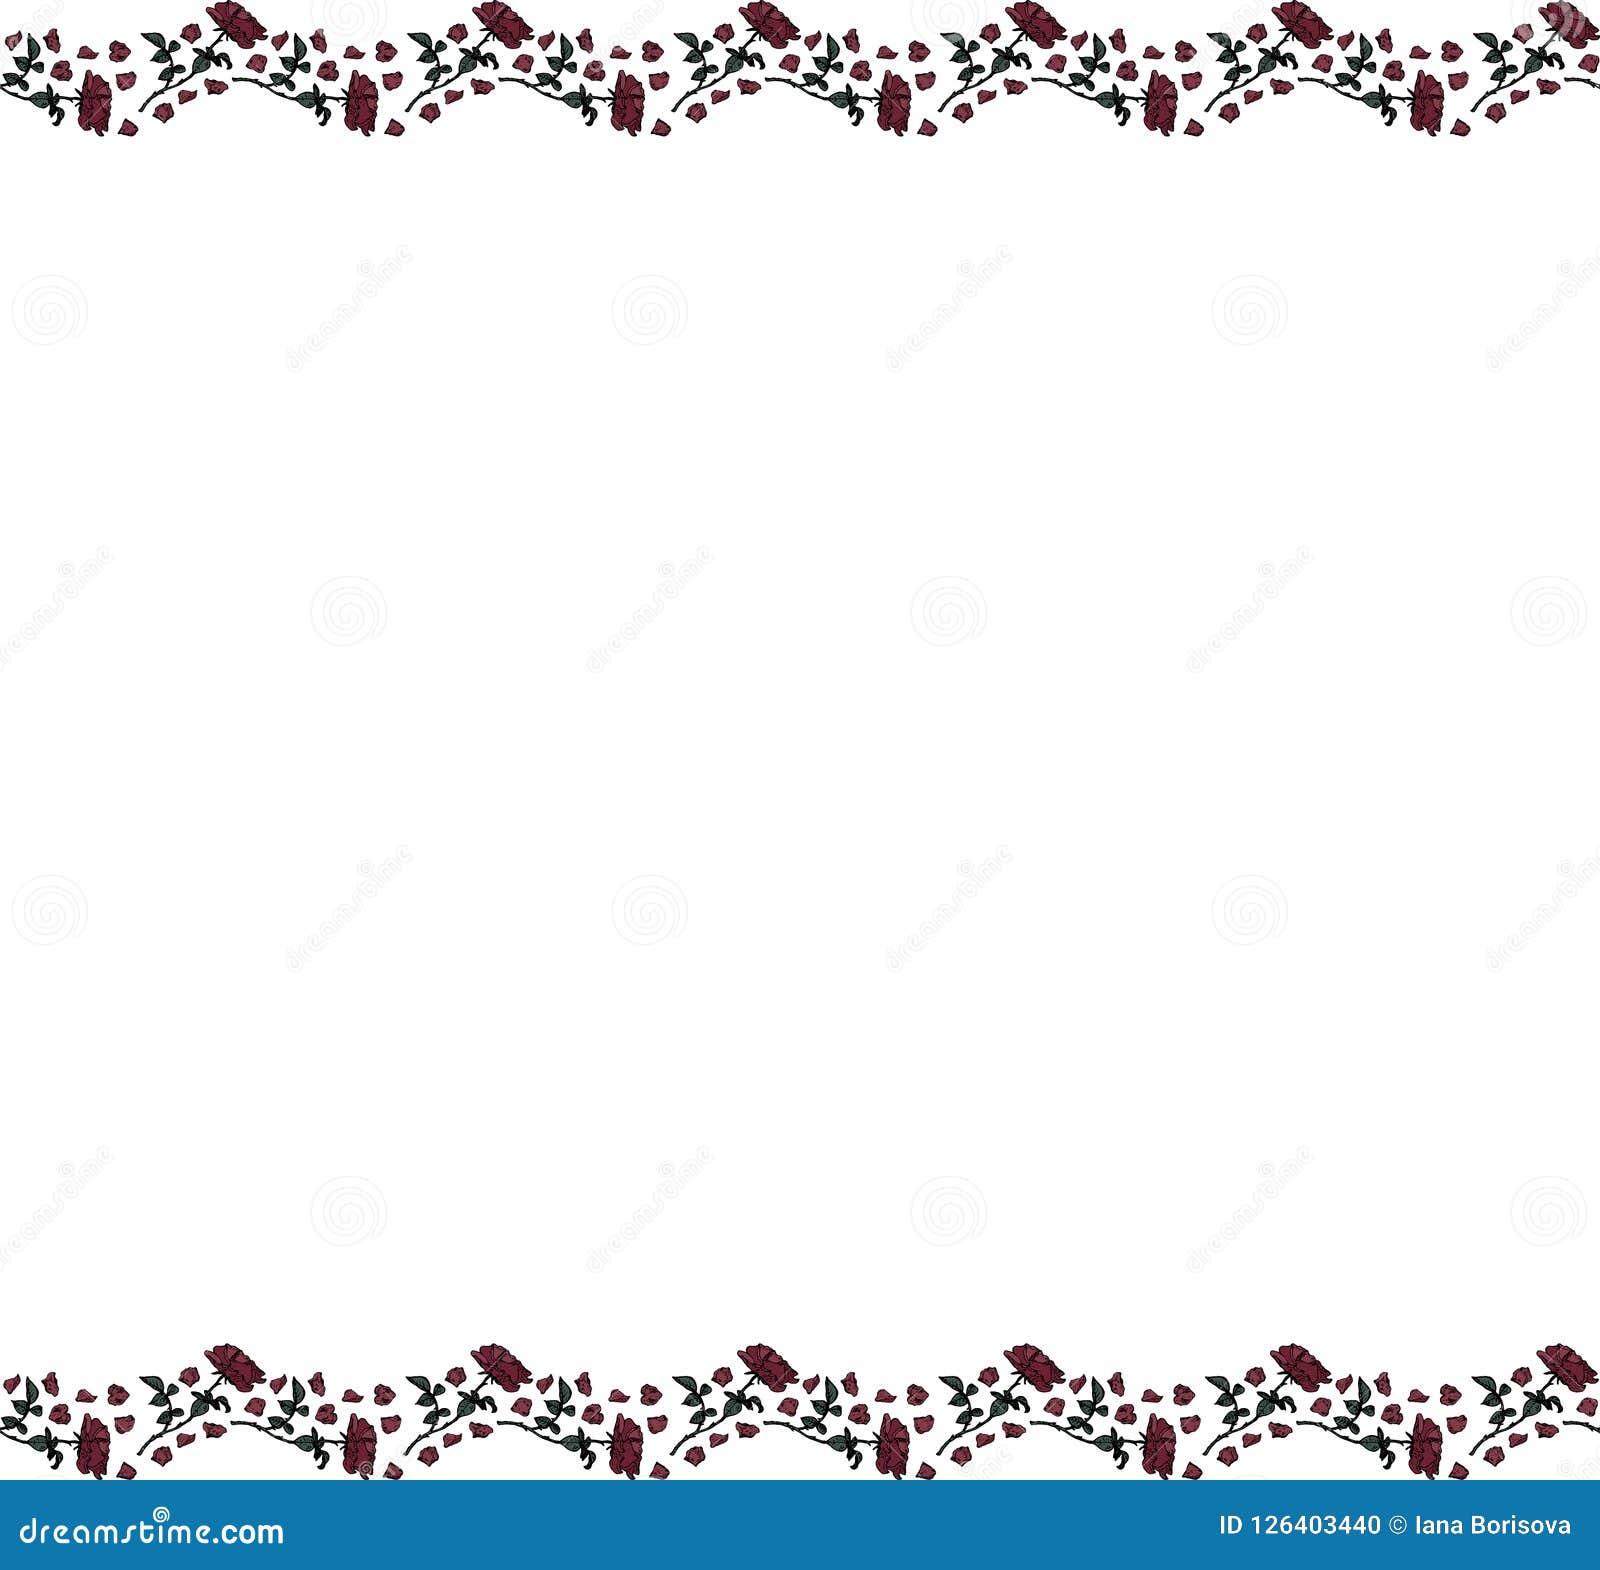 Πρότυπο με άσπρο υπόβαθρο και δύο λουρίδες των τριαντάφυλλων και πέταλα στην κορυφή και το κατώτατο σημείο διάνυσμα